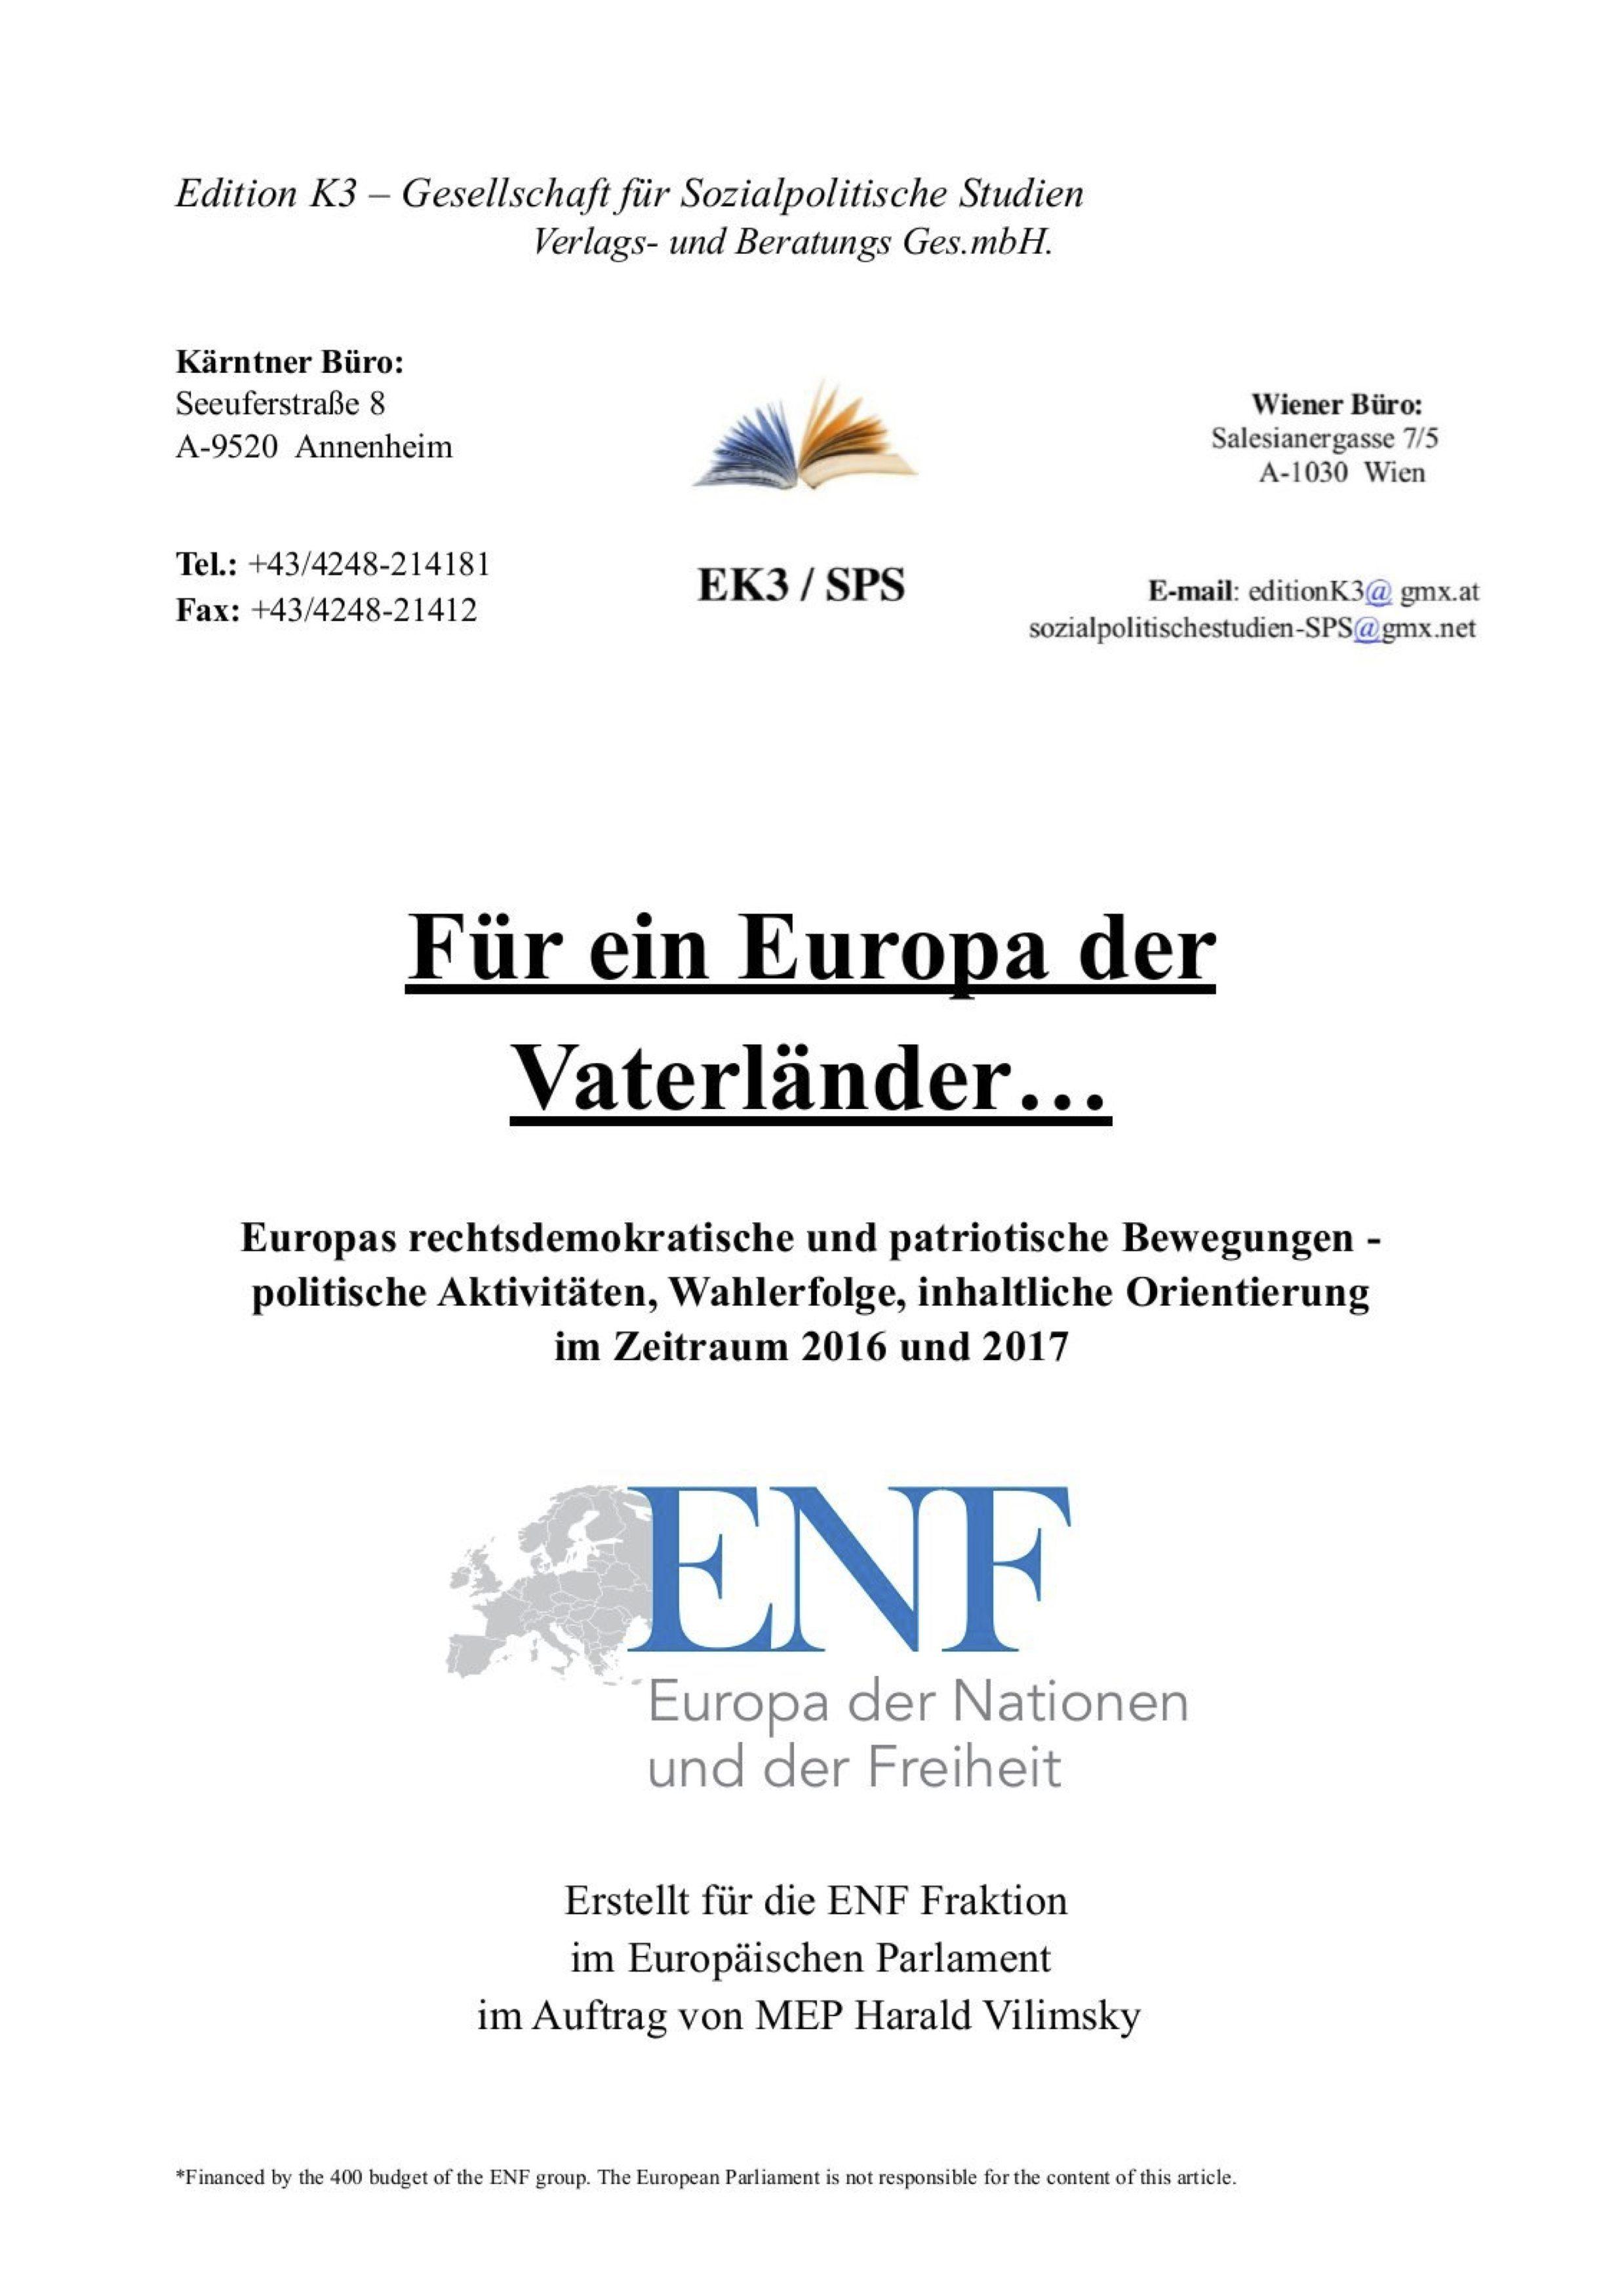 K3-Publikation im Auftrag von Vilimsky, finanziert durch EU-Fraktionsgelder